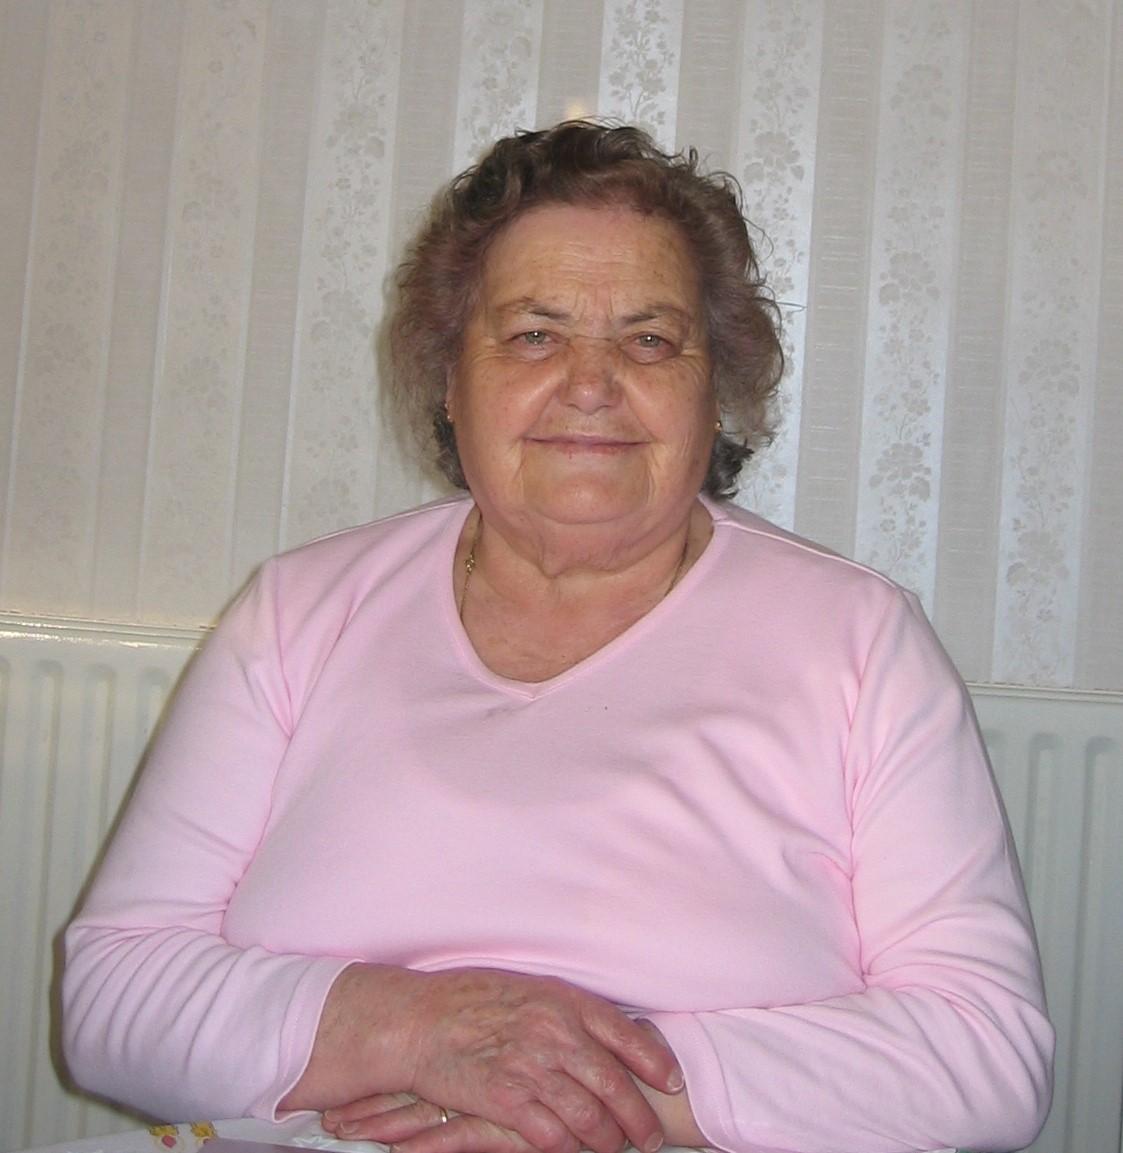 Pellegrina Longo